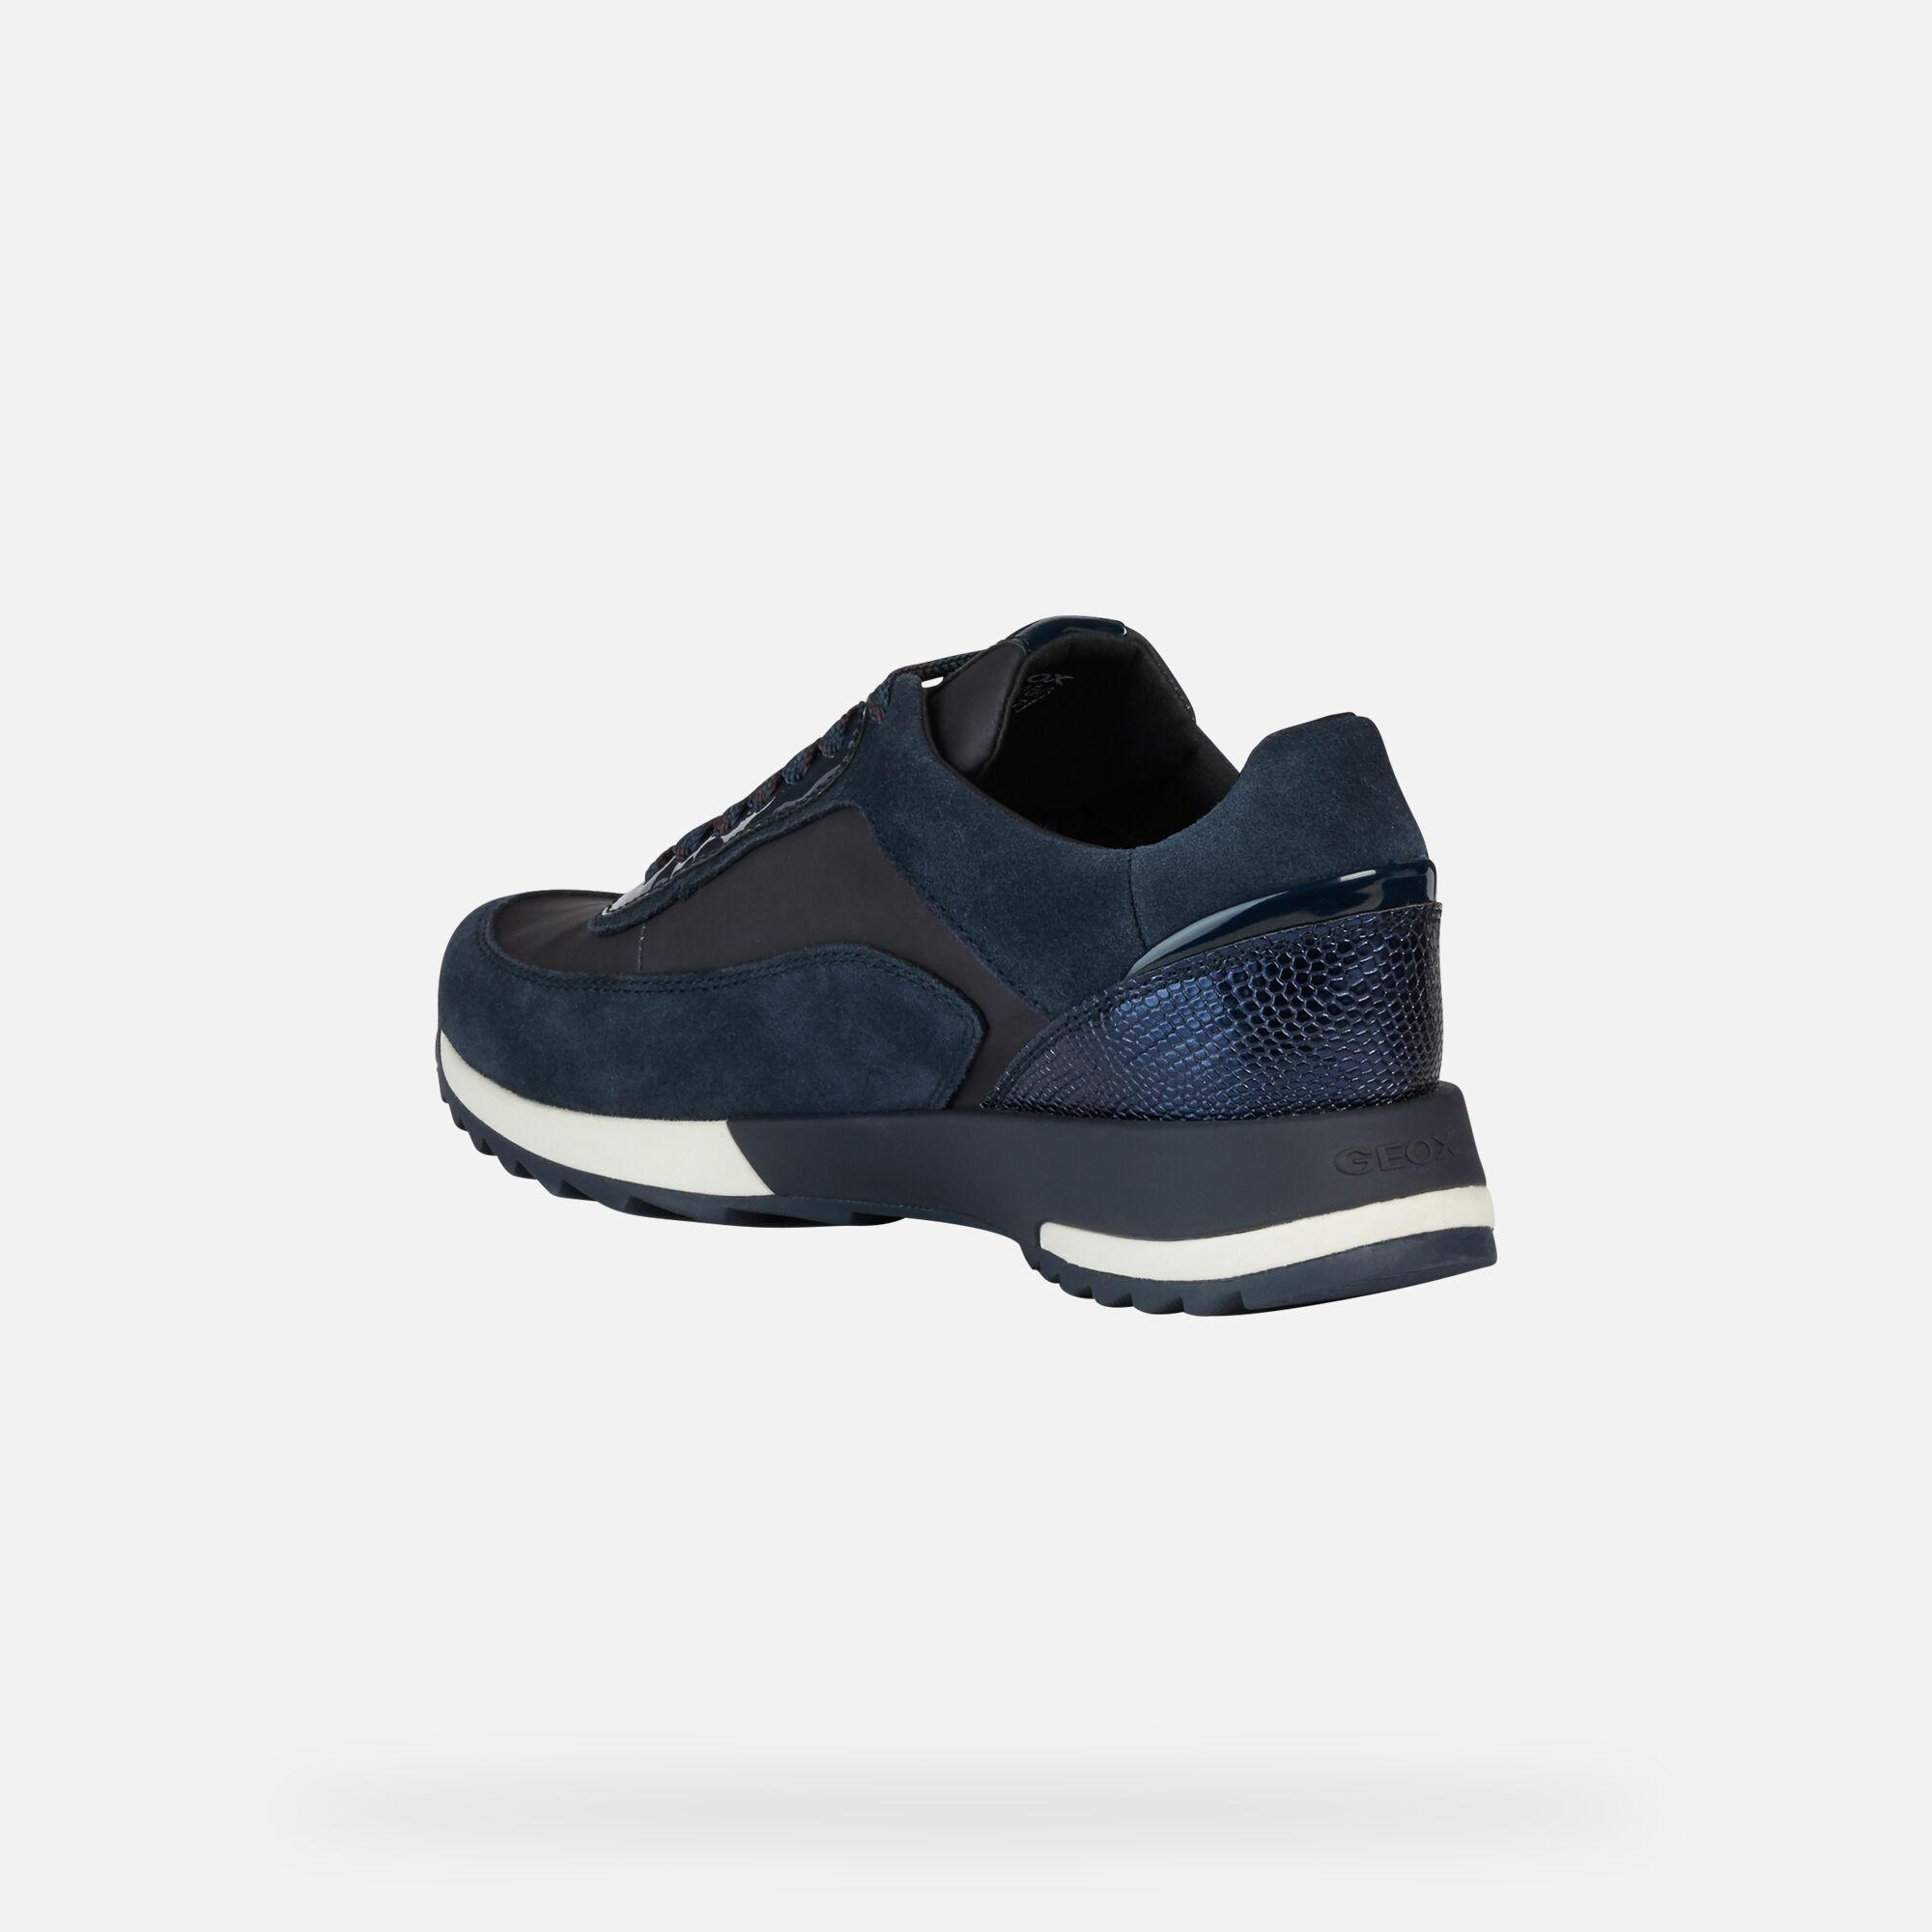 Geox ANEKO ABX Baskets Basses Bleues Femme | Geox® Boutique